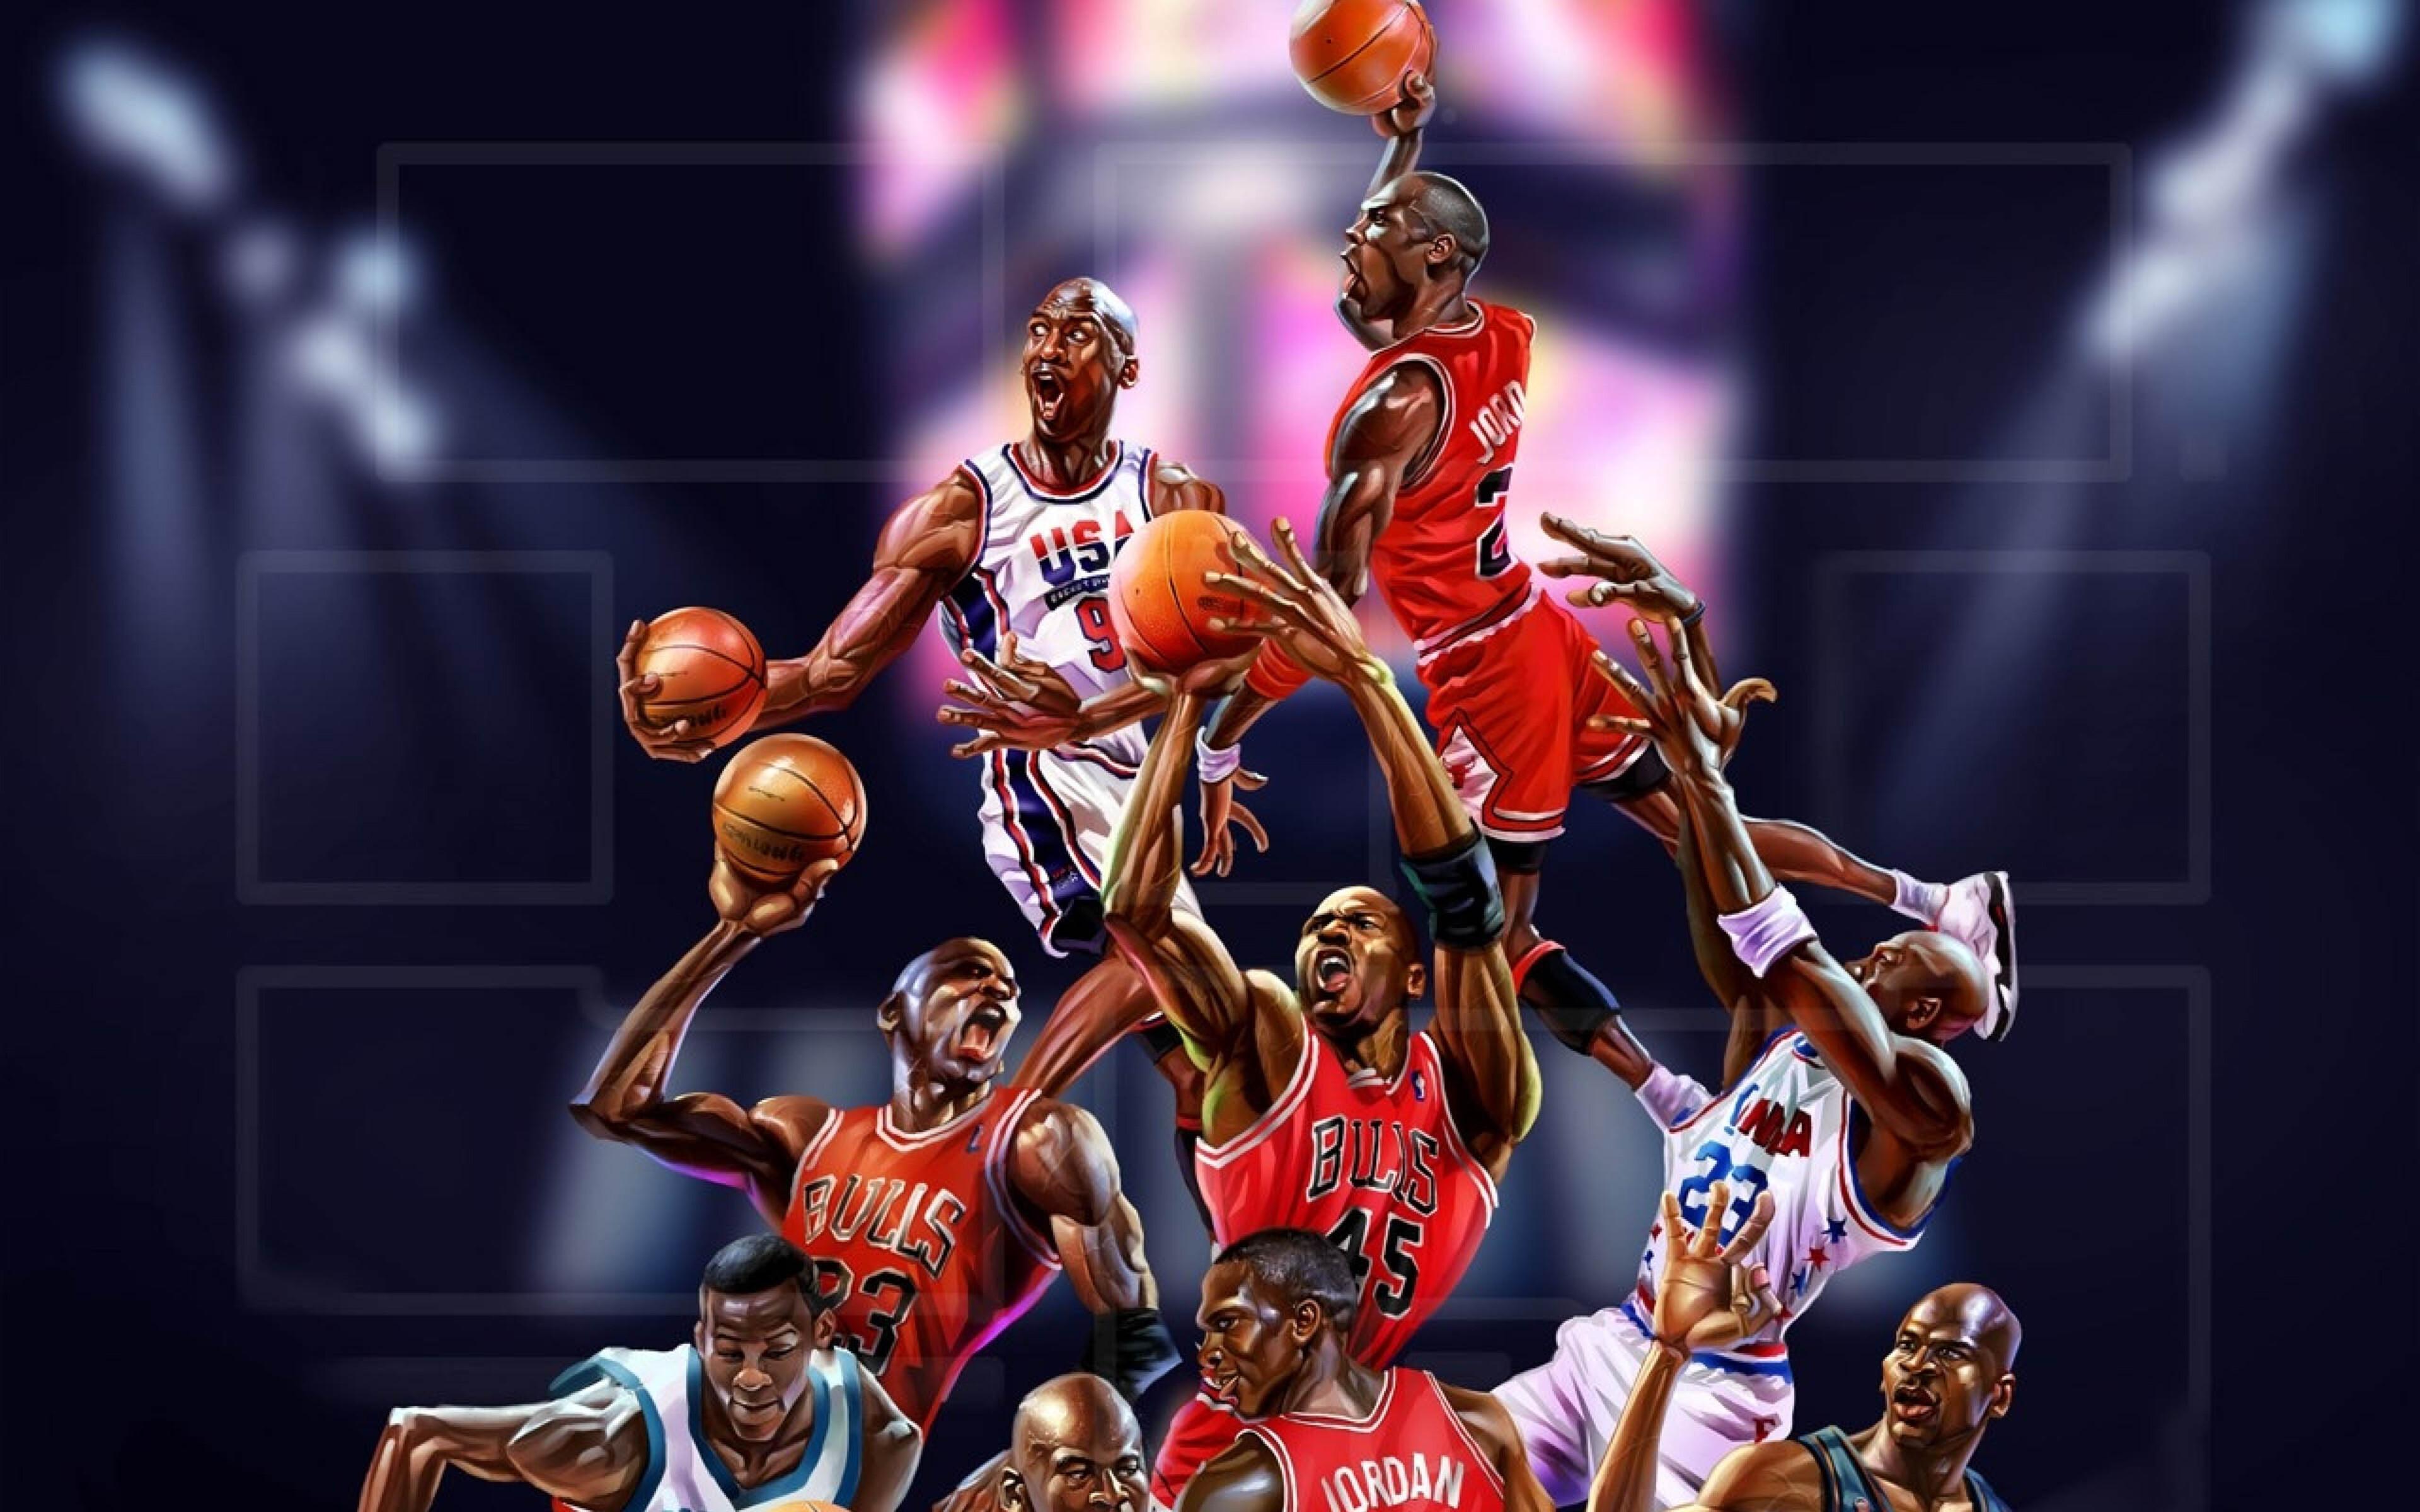 Michael Jordan Artwork: 3840x2400 Michael Jordan Art 4k HD 4k Wallpapers, Images